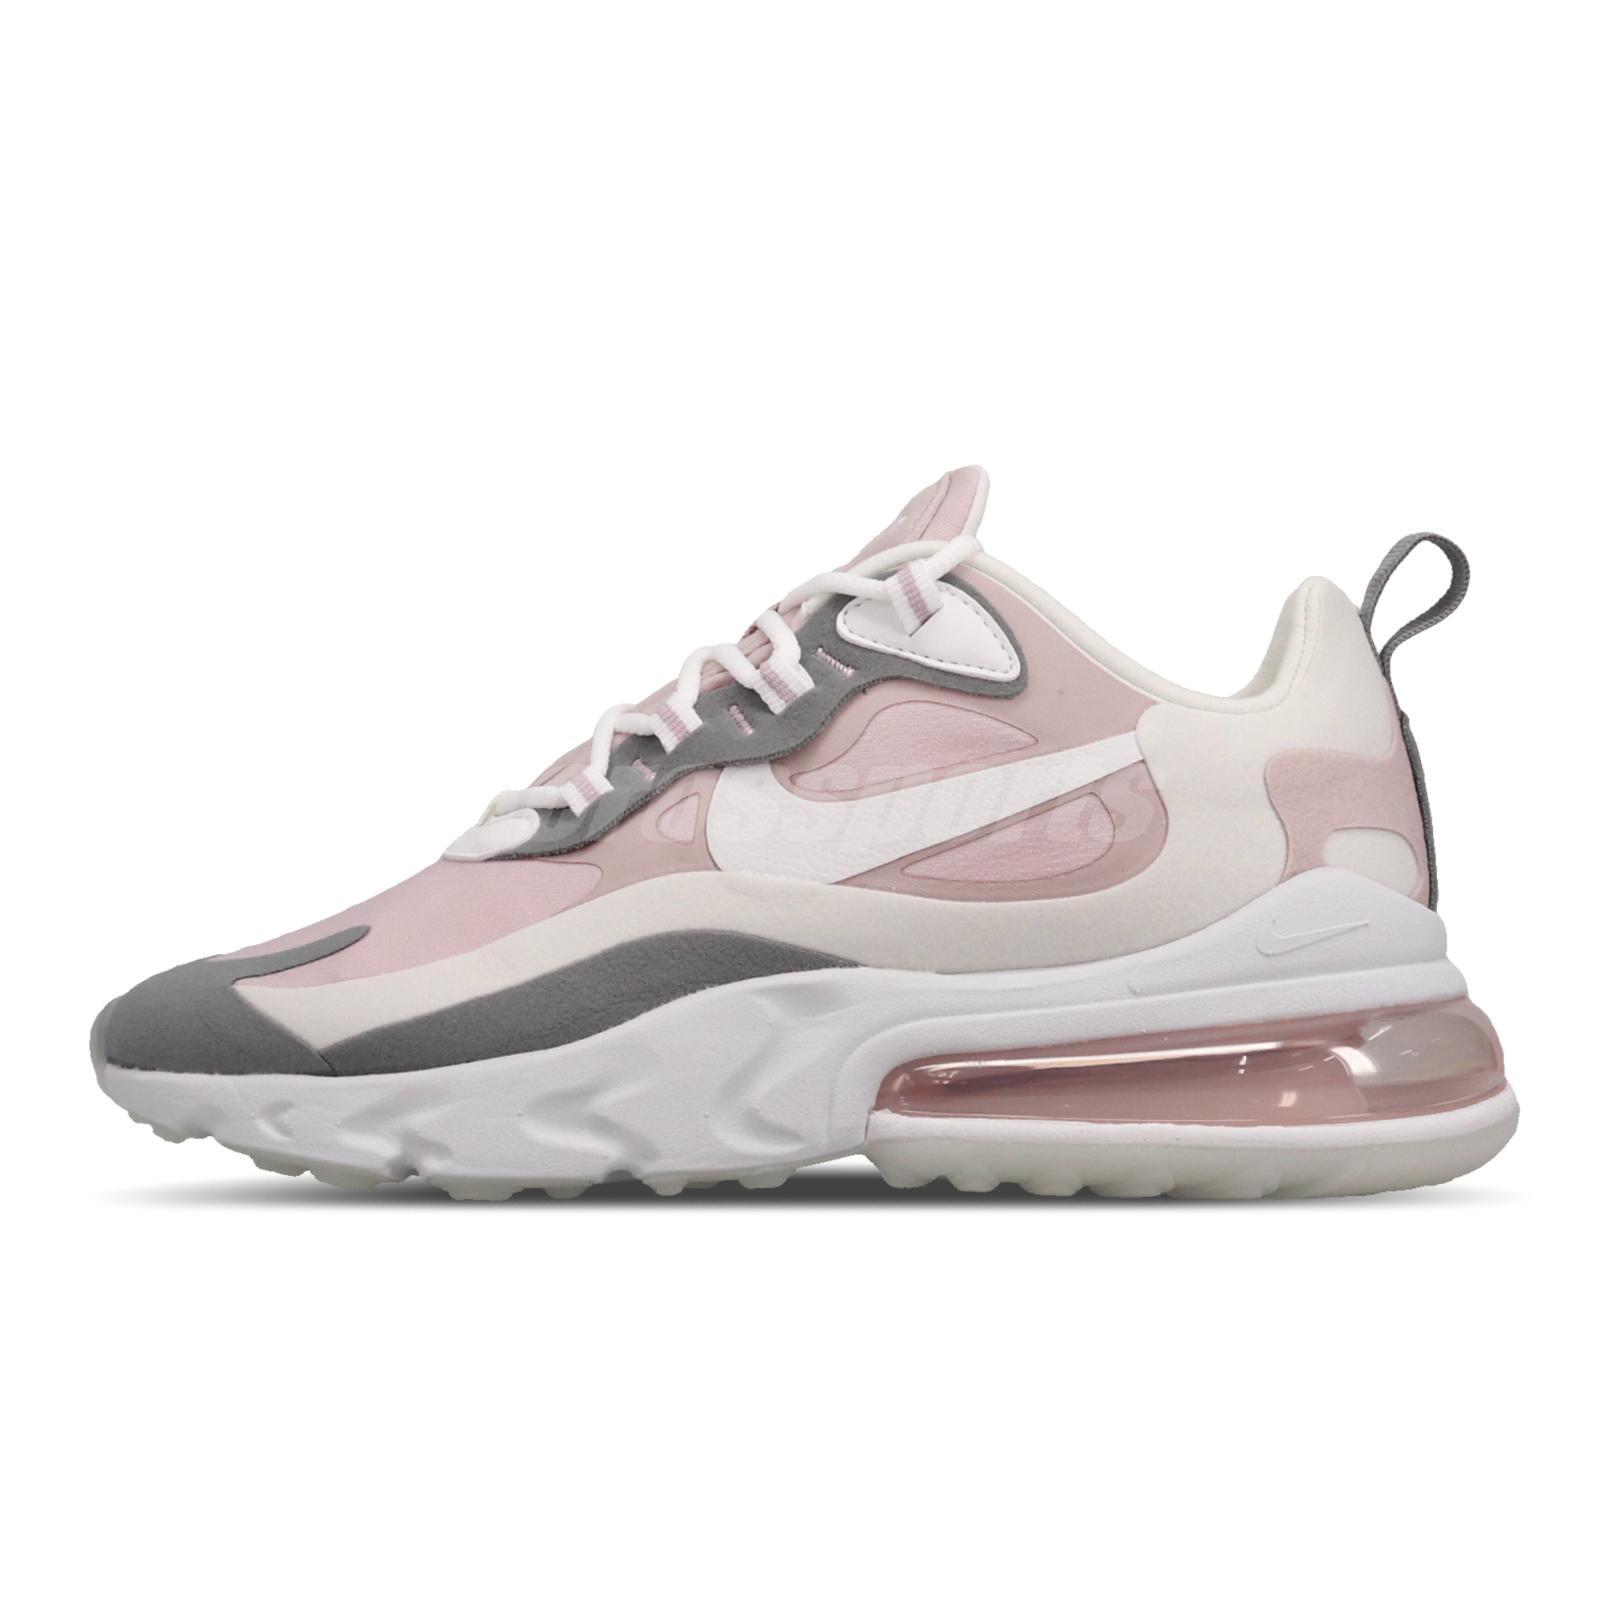 nike air max 270 react grey and pink